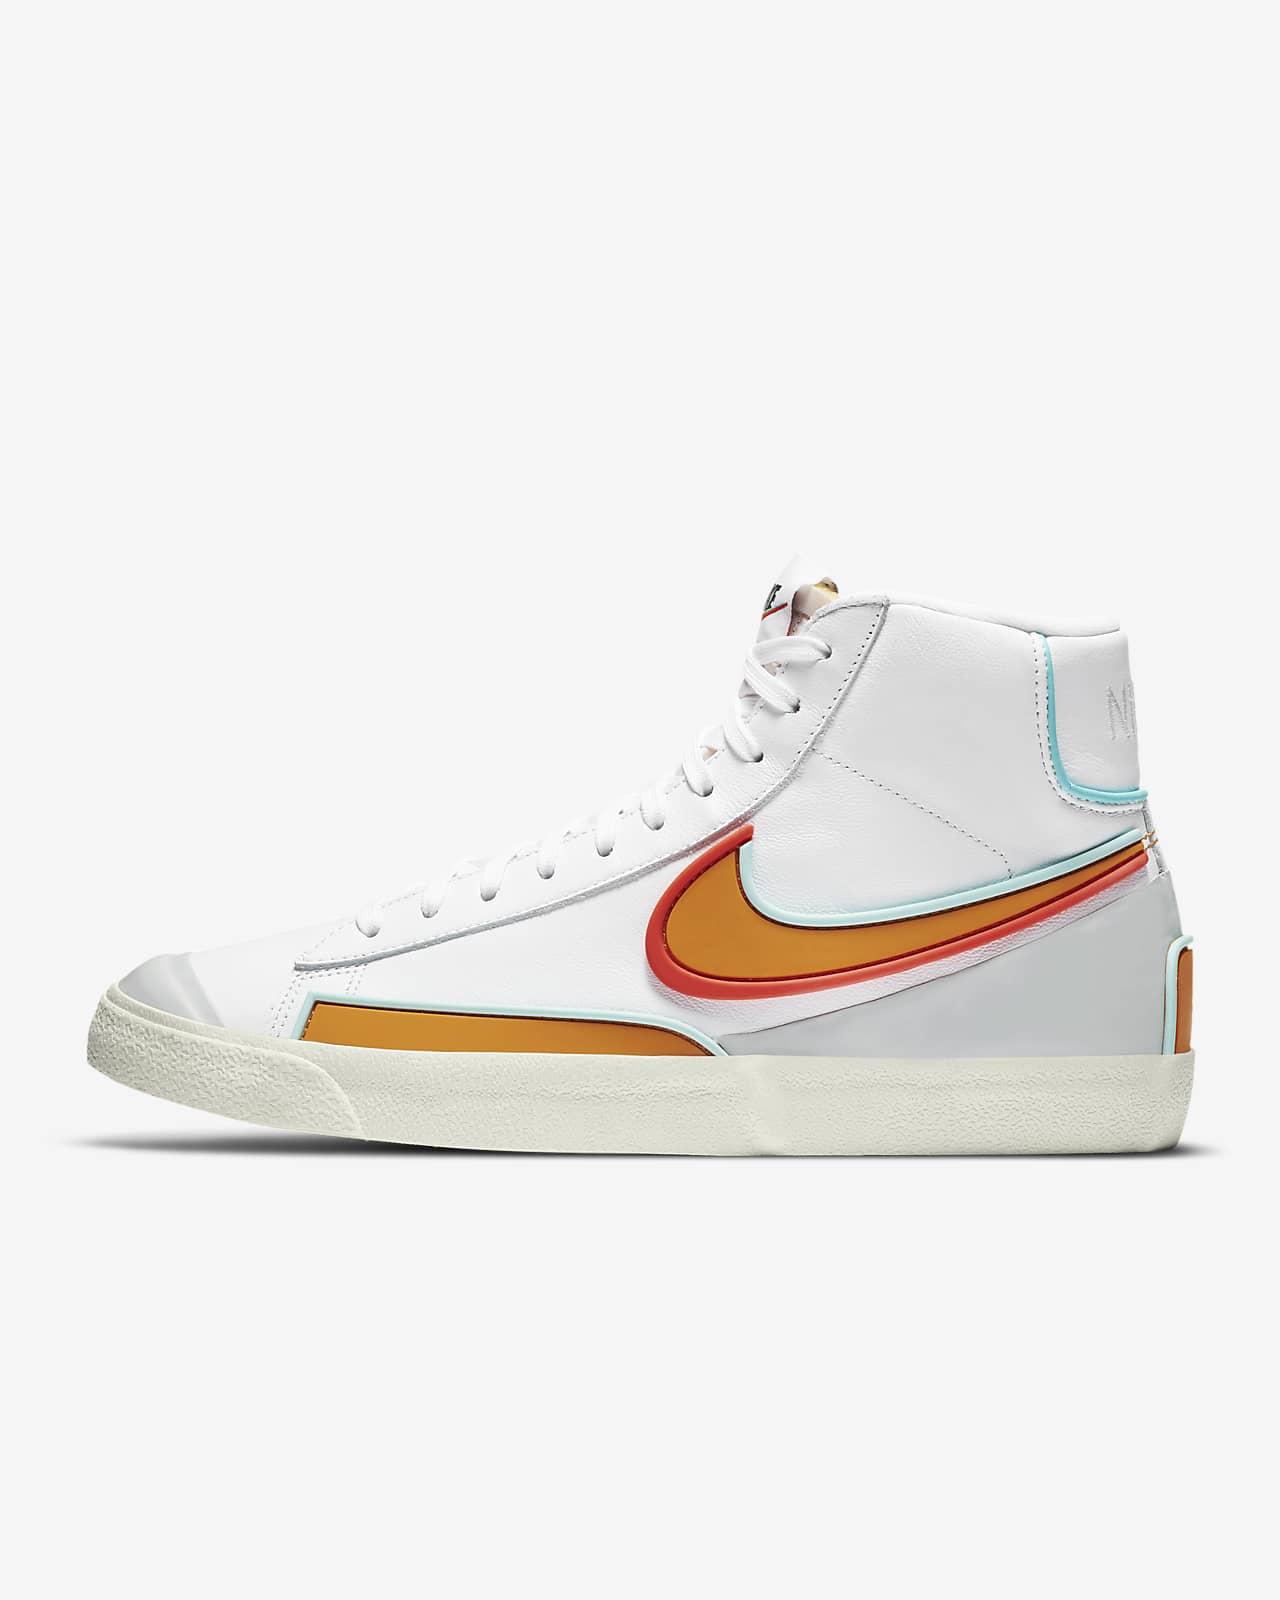 Pánská bota Nike Blazer Mid '77 Infinite